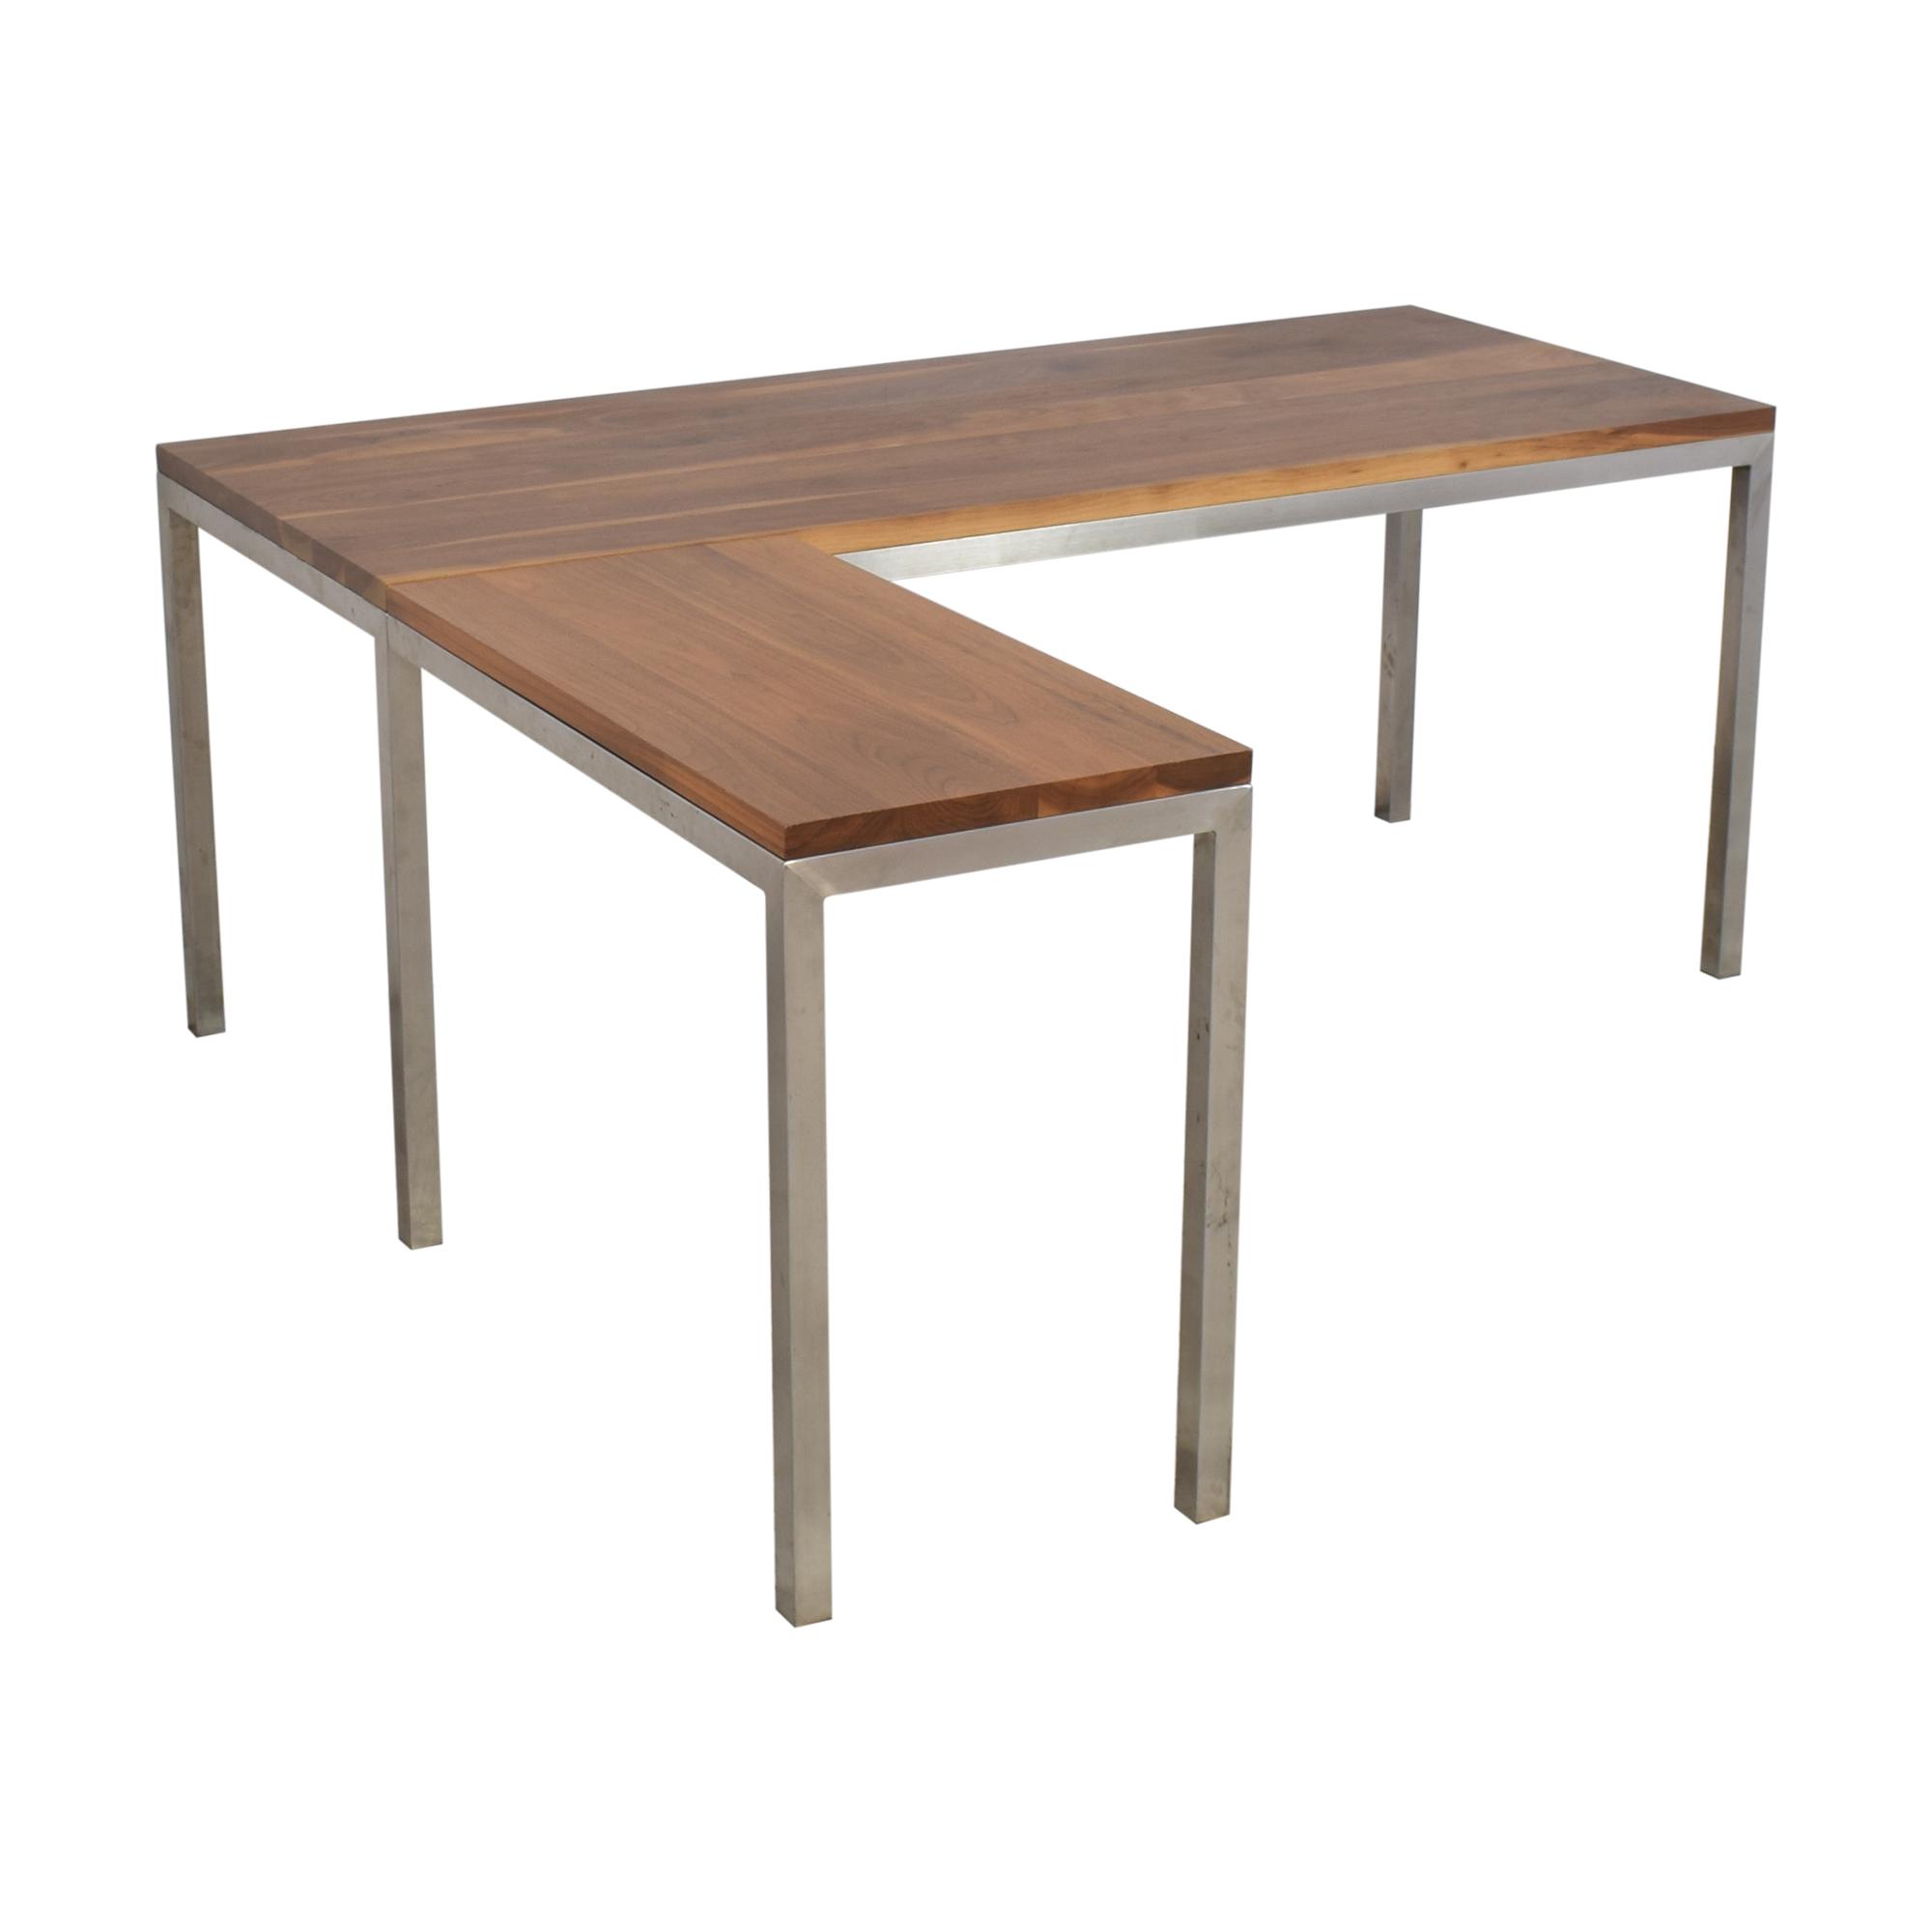 Room & Board Room & Board Portica L-Shaped Desk price